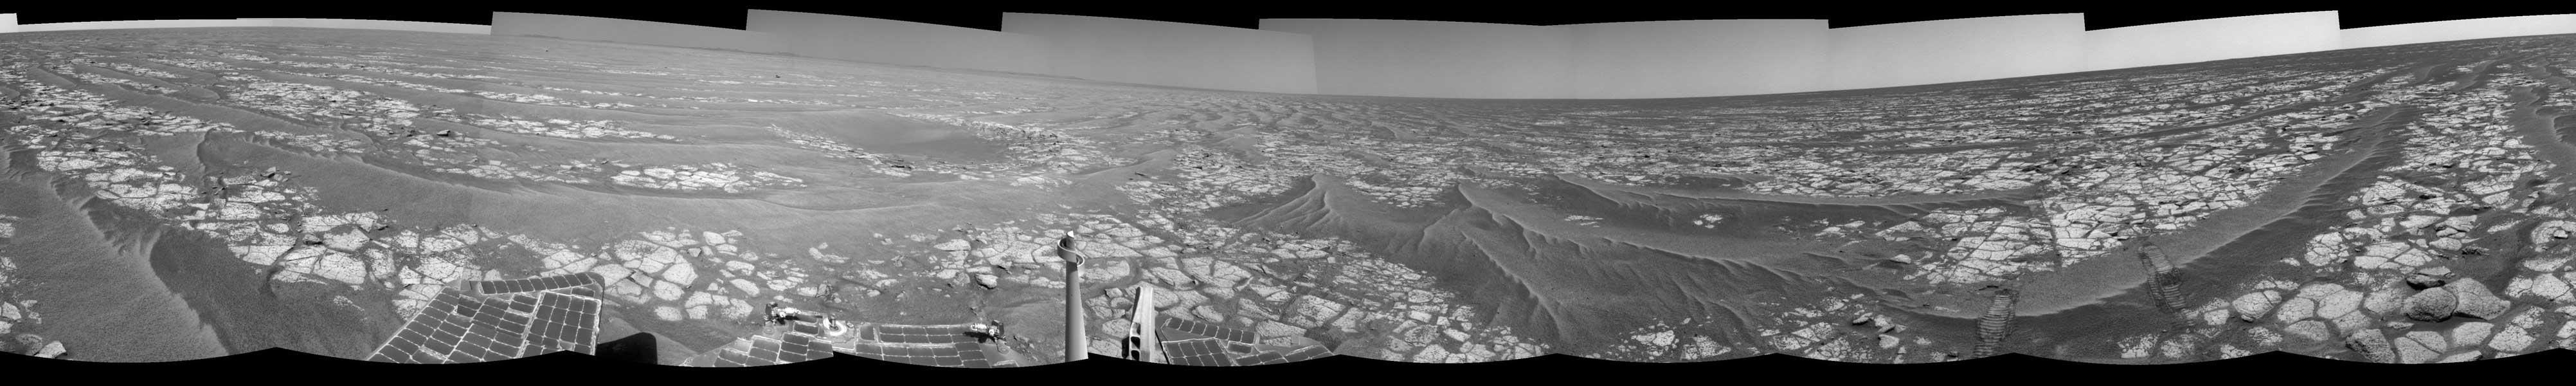 Rodando por las planicies rocosas de Marte